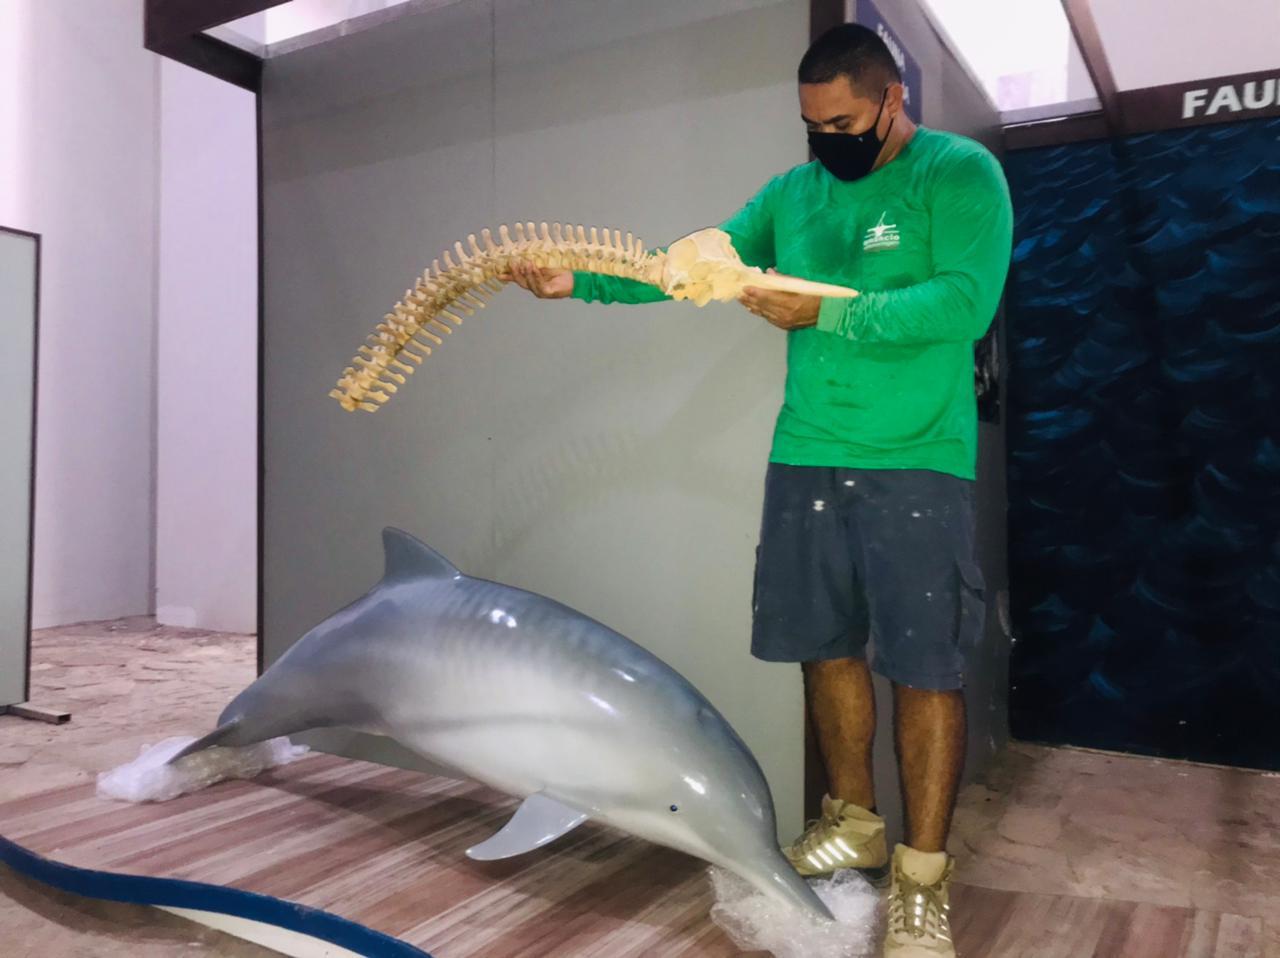 Fábio: Museu terá ossadas e réplicas de baleia, boto e peixe-boi - Imagem 1